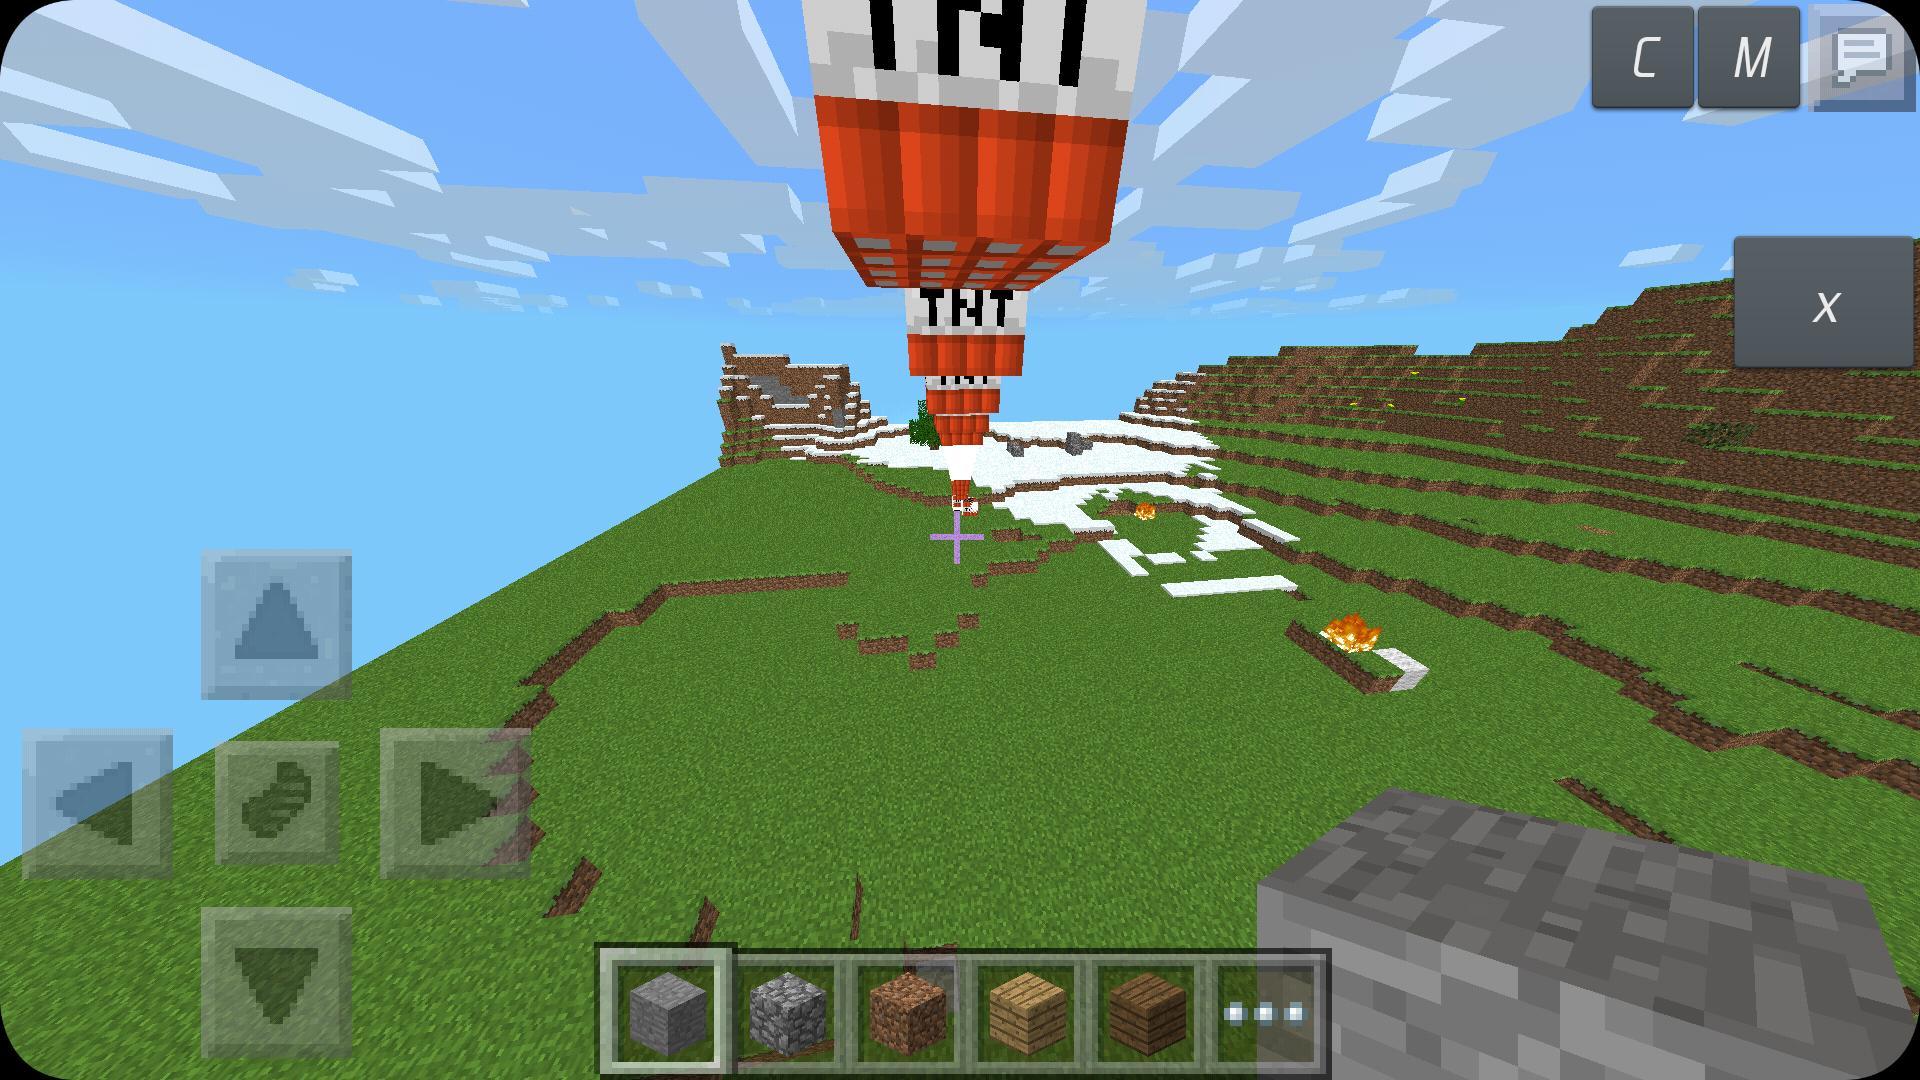 Cactipe mod menu 16 mods minecraft pe mods addons cactipe mod menu 16 mods baditri Image collections